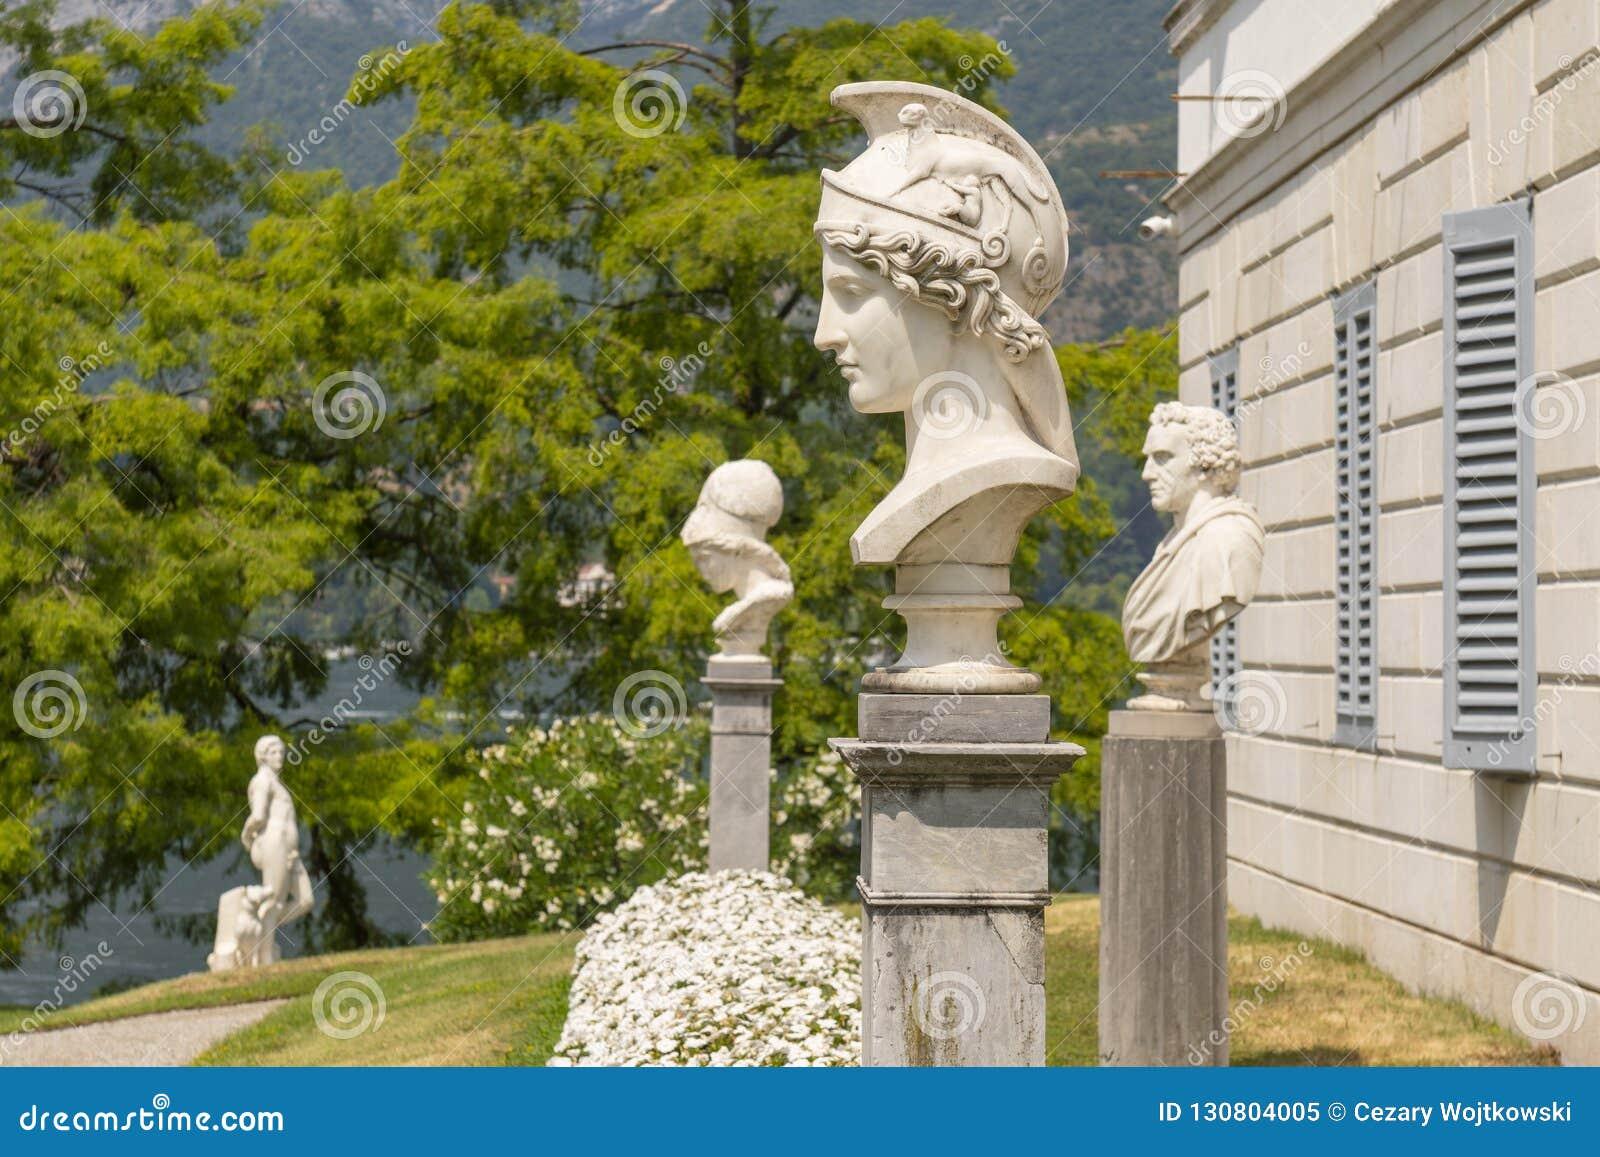 Herm de Athena no jardim italiano da casa de campo Melzi em Bellagio, Itália